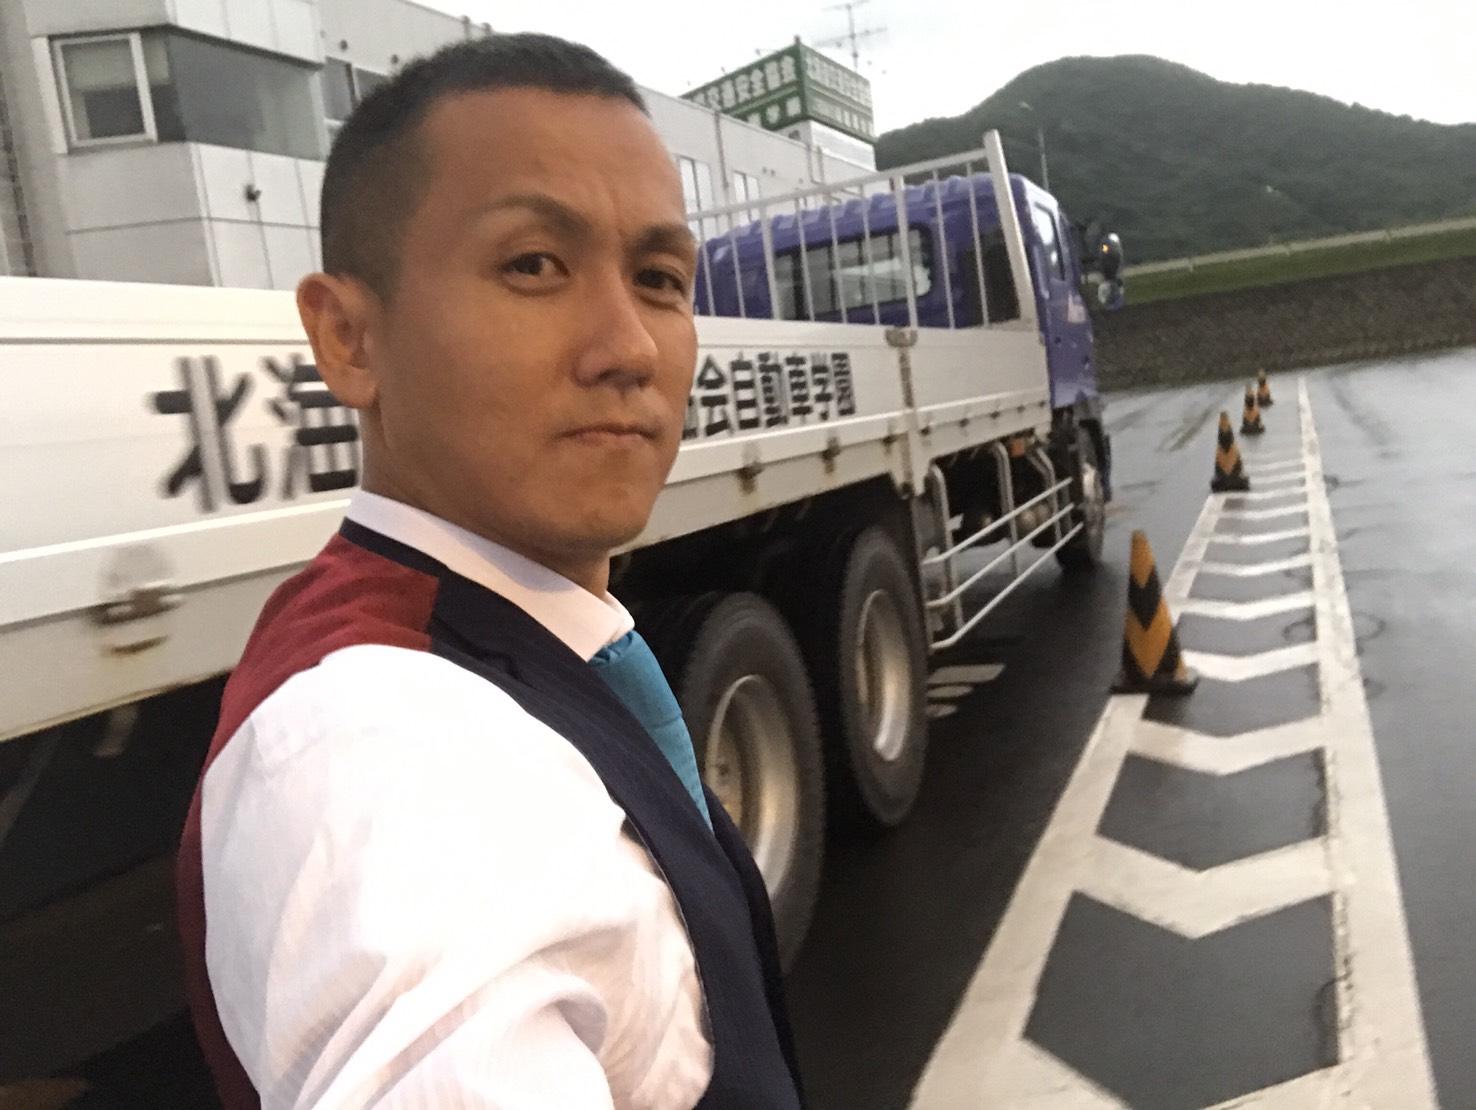 8月30日 水曜日のひとログヽ( 'ω' )ノ キャンピングカー・バスもレンタルできます♬TOMMY_b0127002_175892.jpg